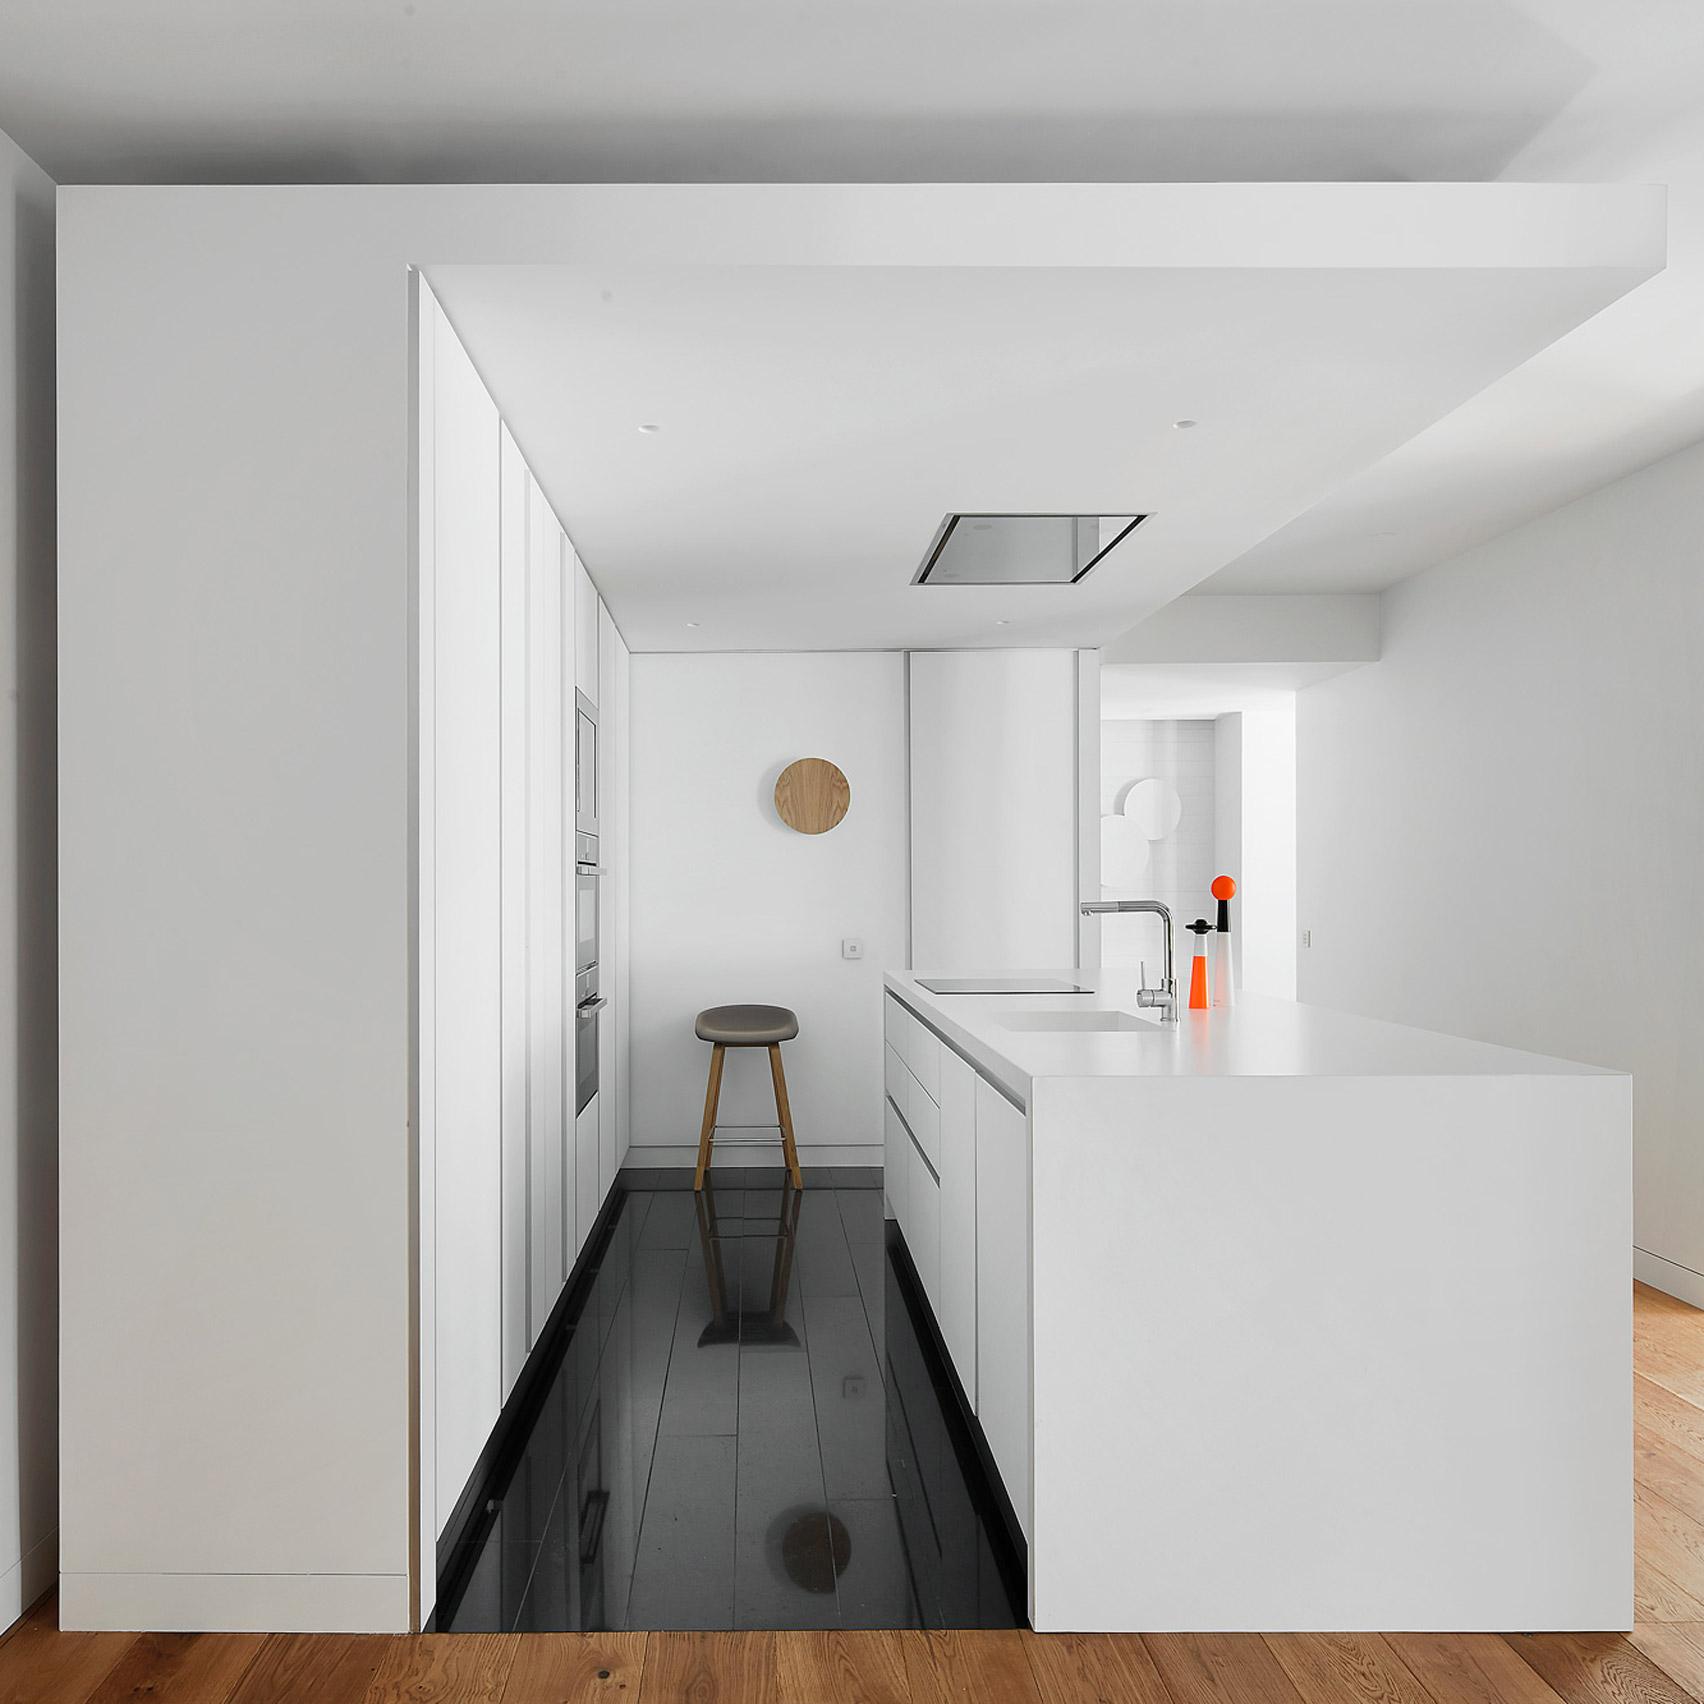 esidential interior design Dezeen - ^